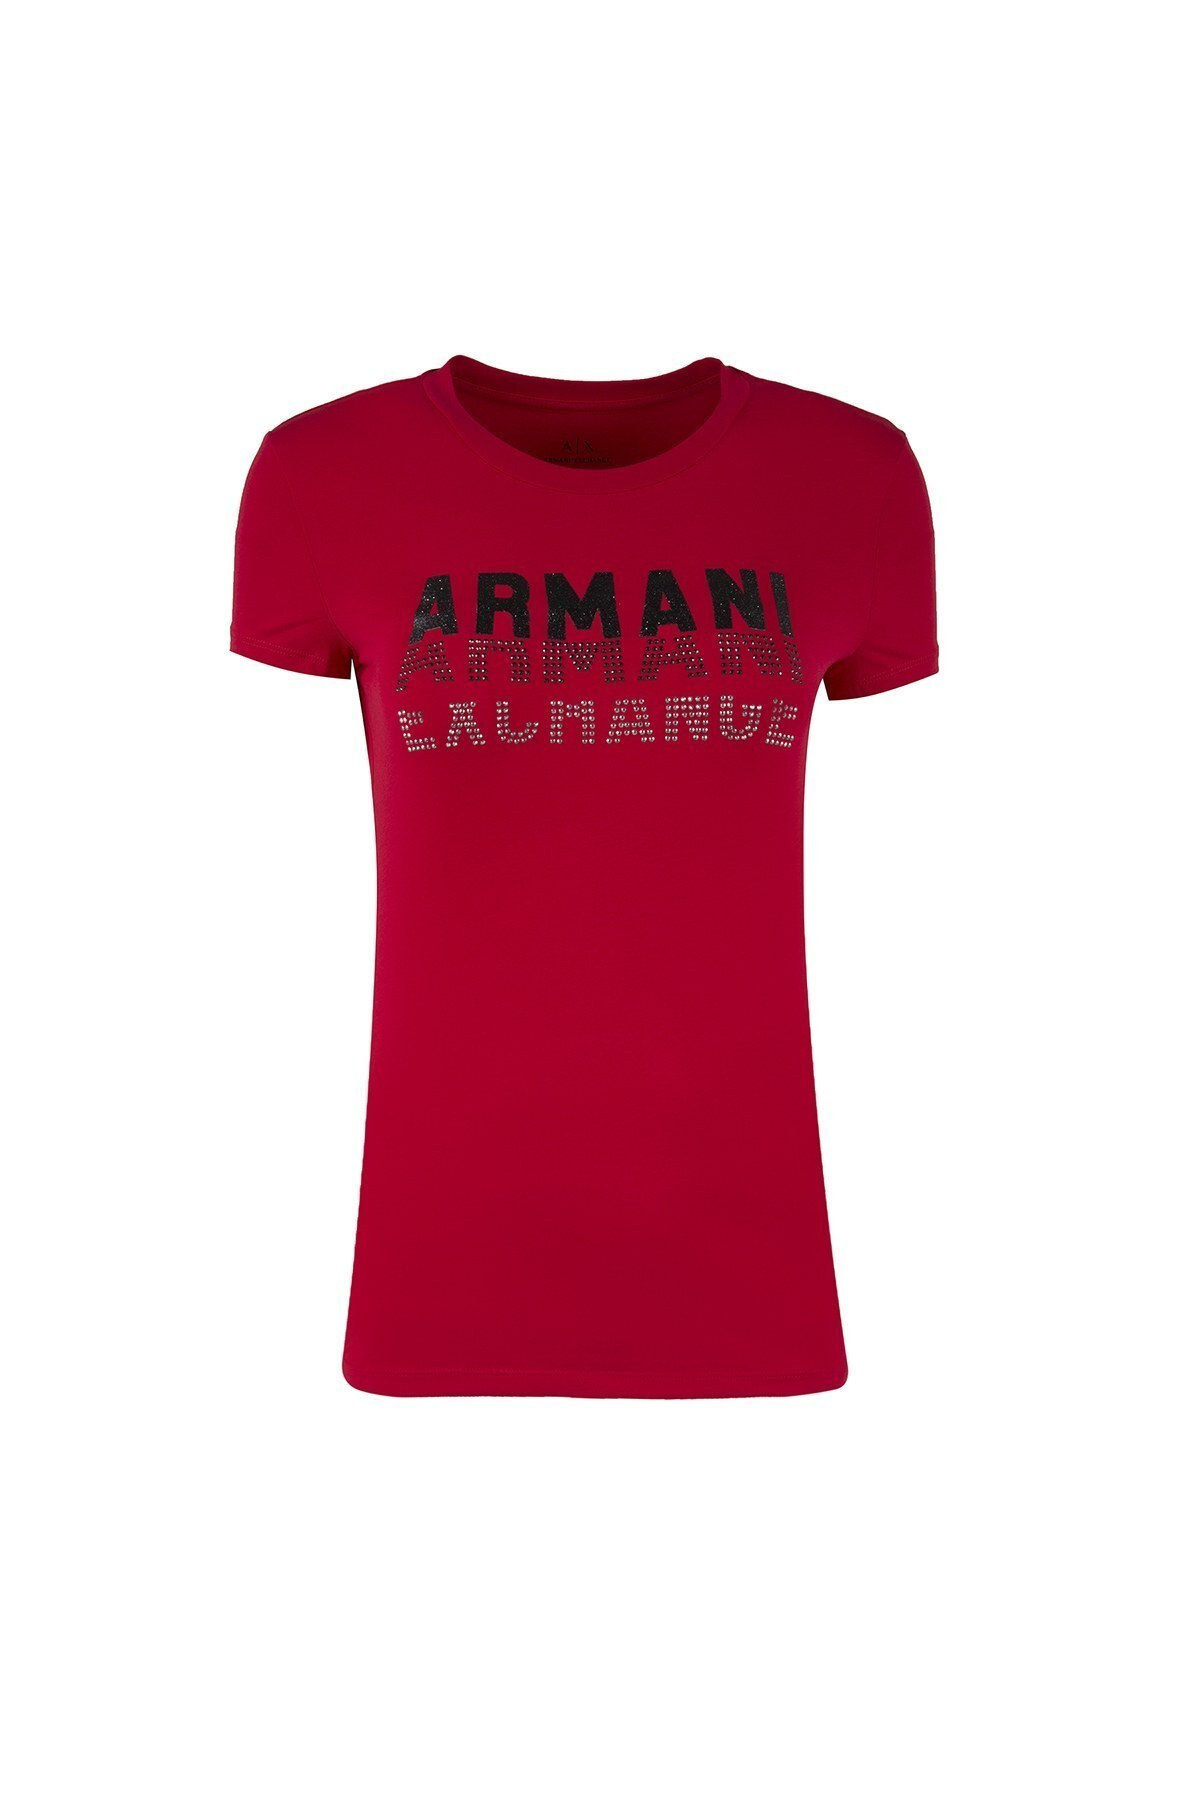 ARMANI EXCHANGE T SHIRT Kadın T Shirt 6ZYTCM YJC7Z 1445 KIRMIZI